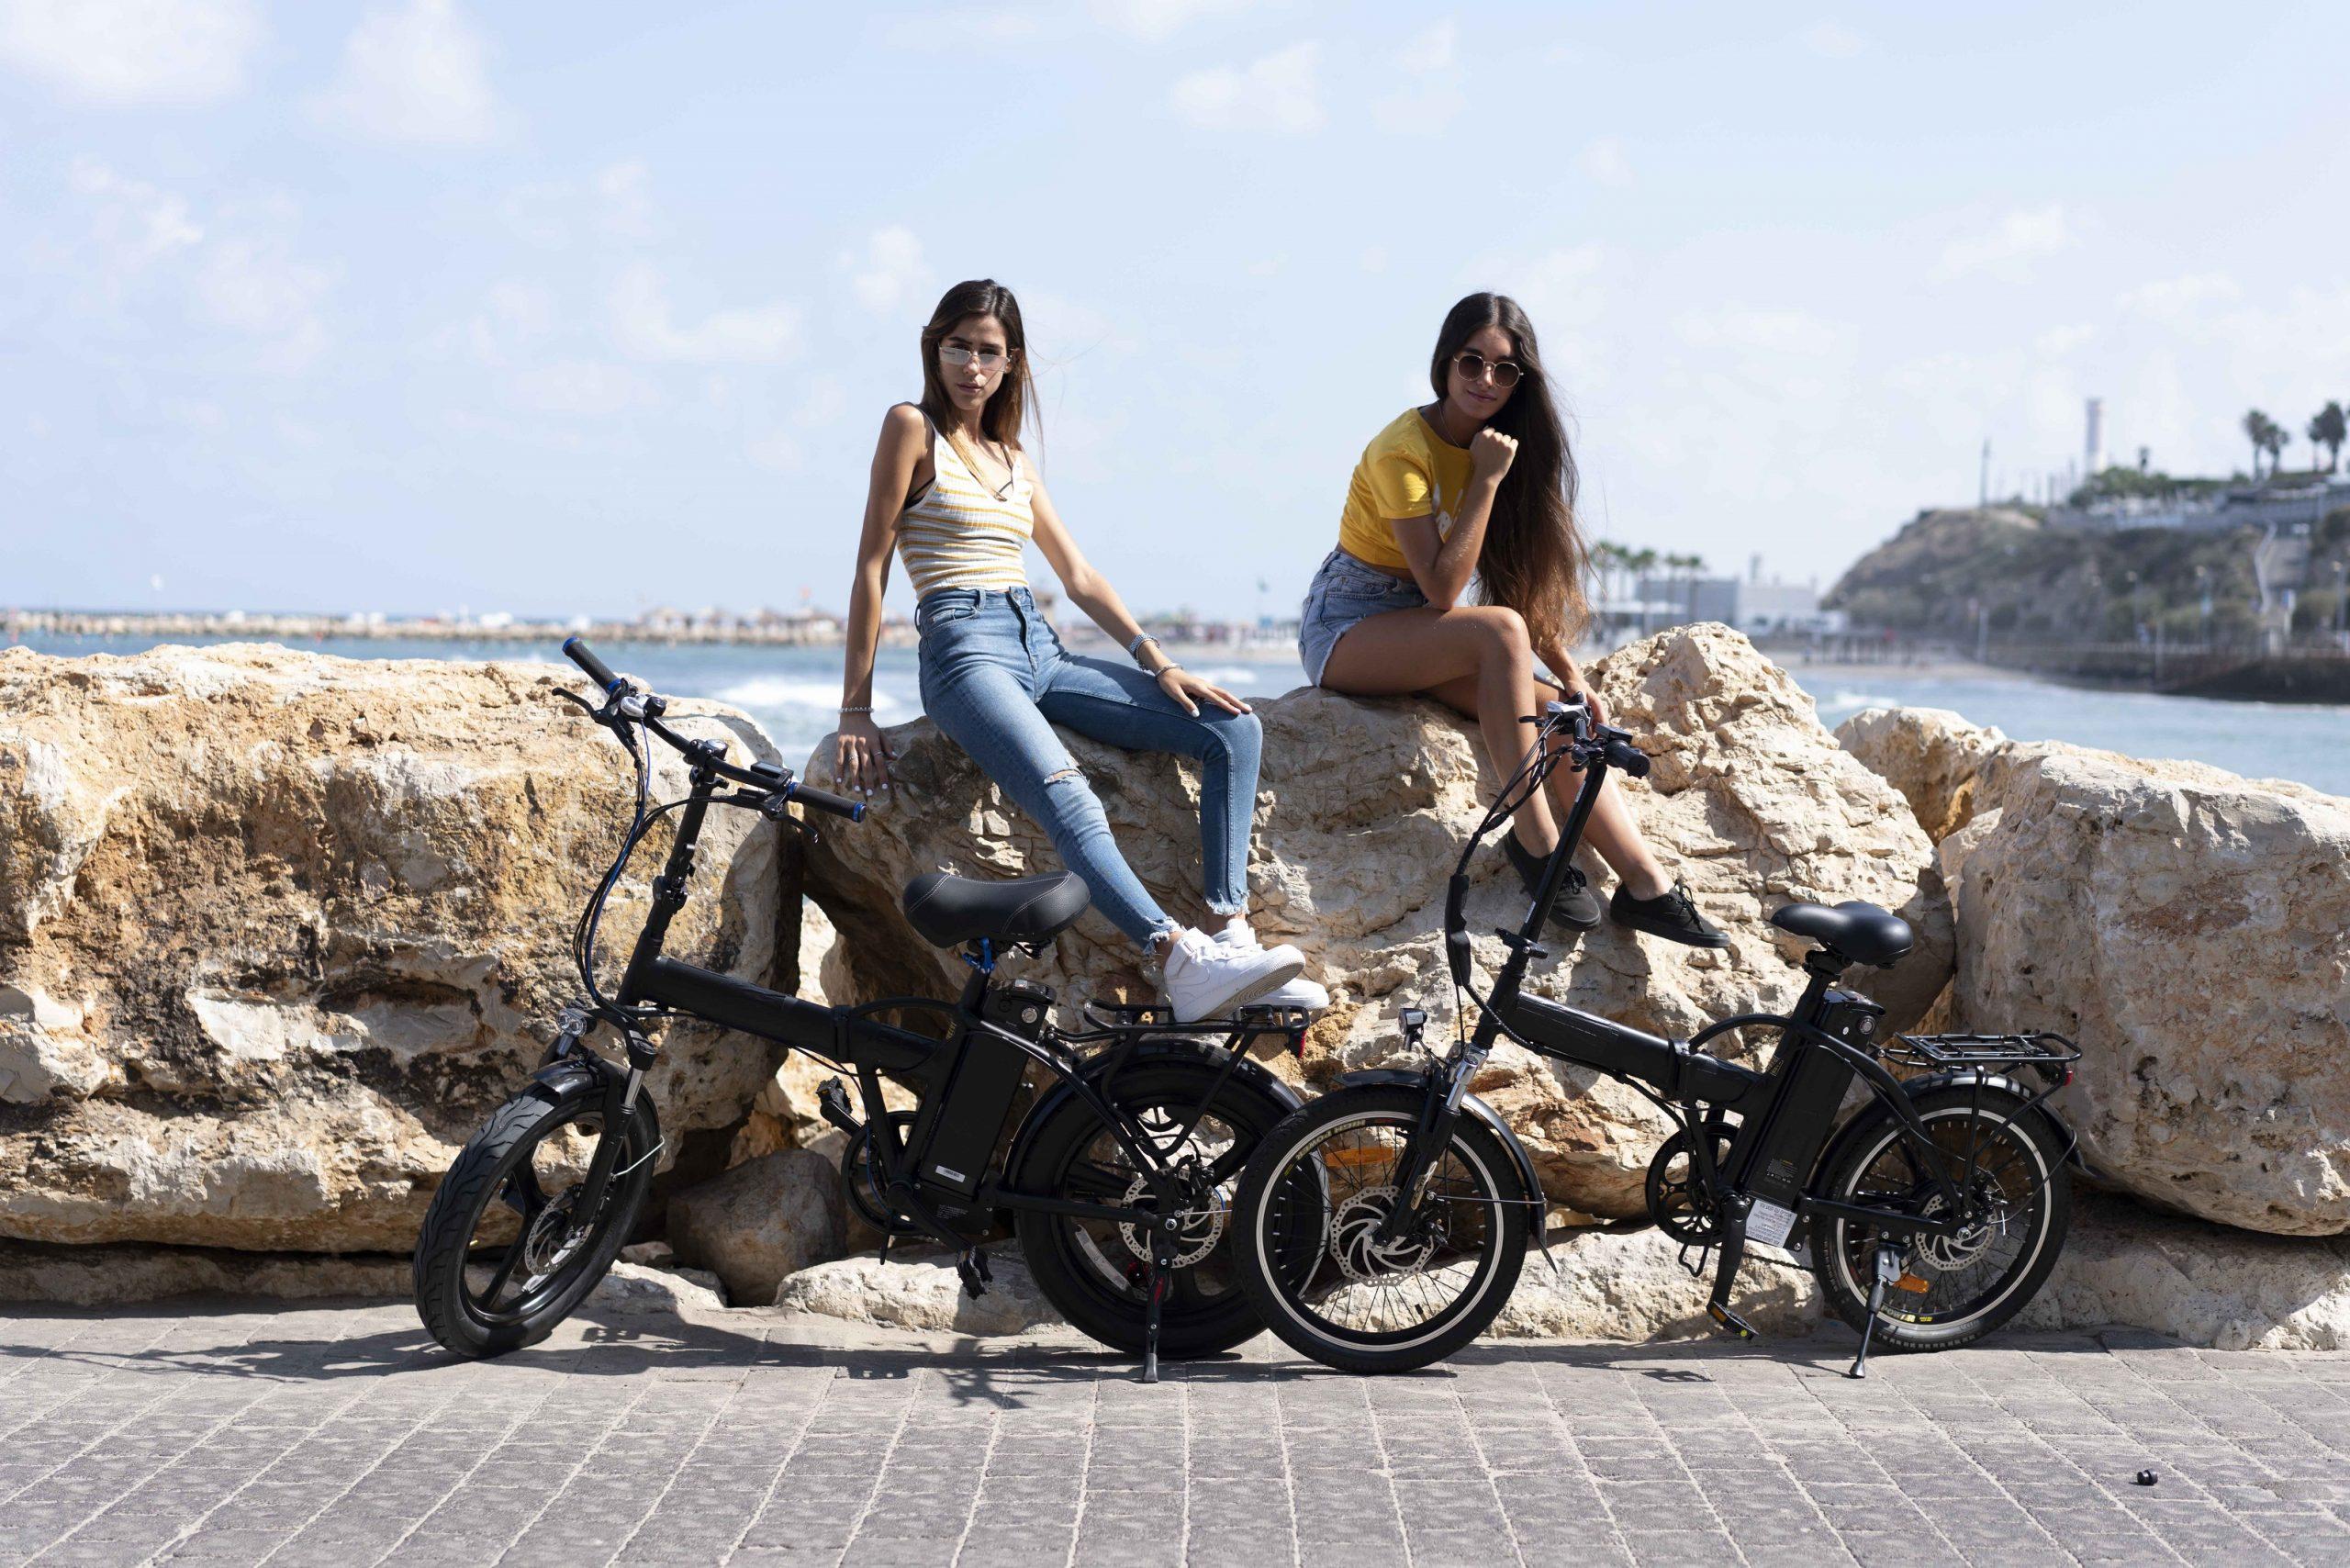 שדרוג אמפר באופניים חשמליים